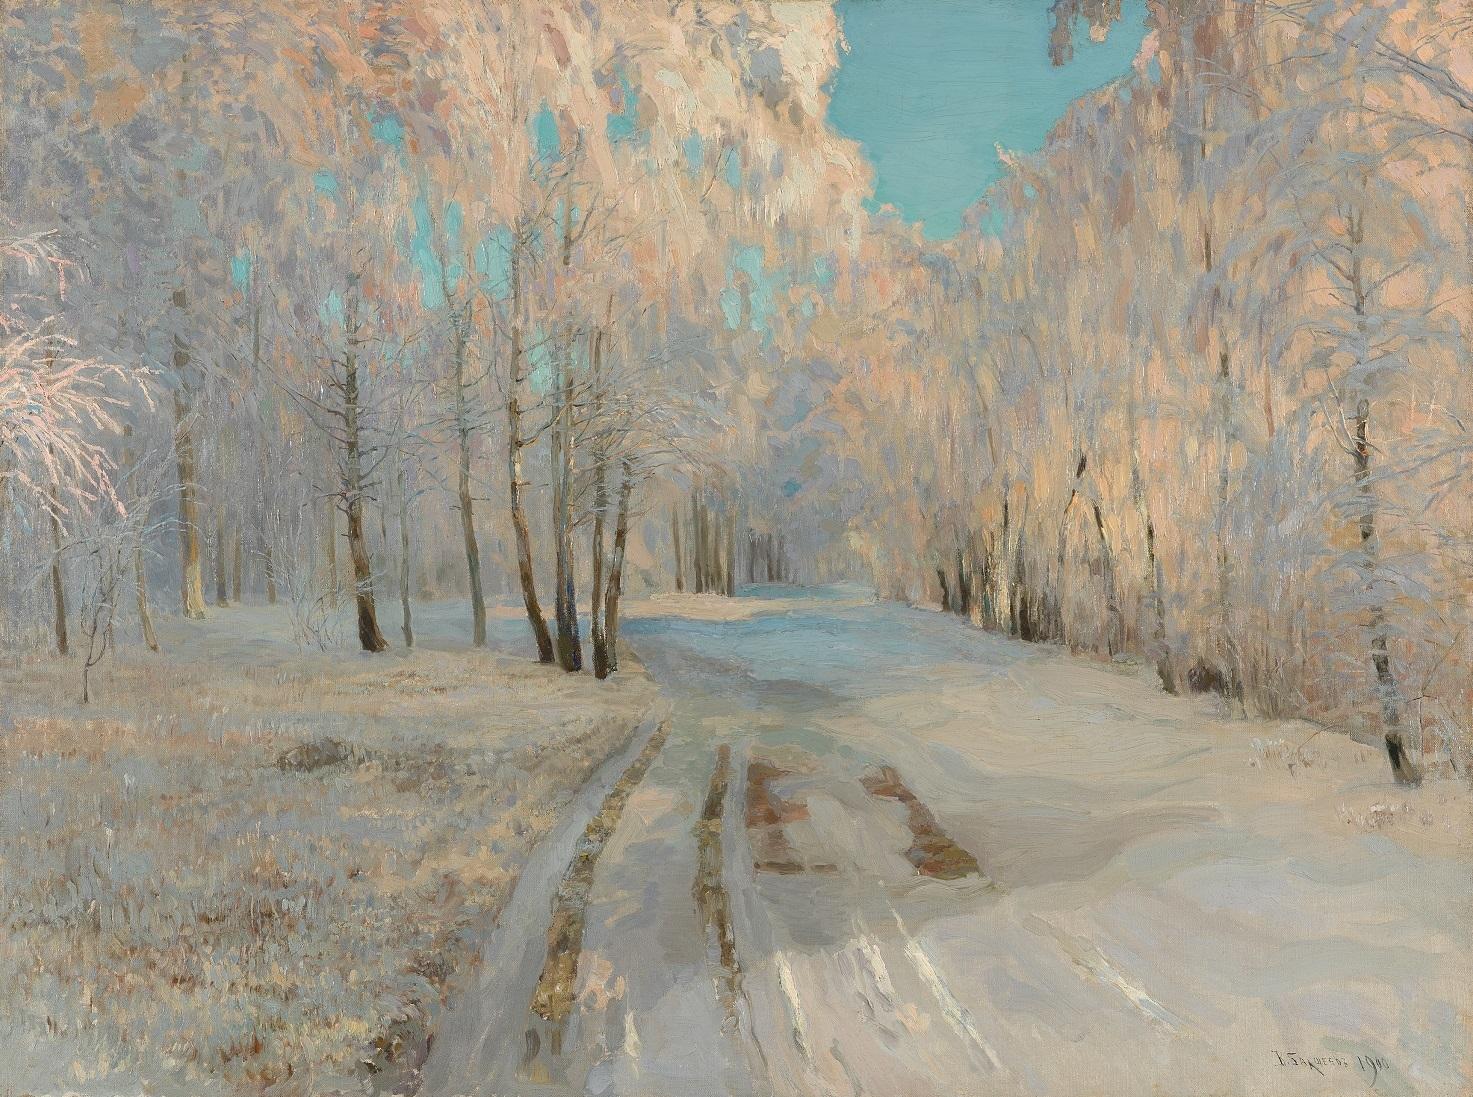 ワシーリー・バクシェーエフ 《樹氷》 1900 年 油彩・キャンヴァス (C) The State Tretyakov Gallery